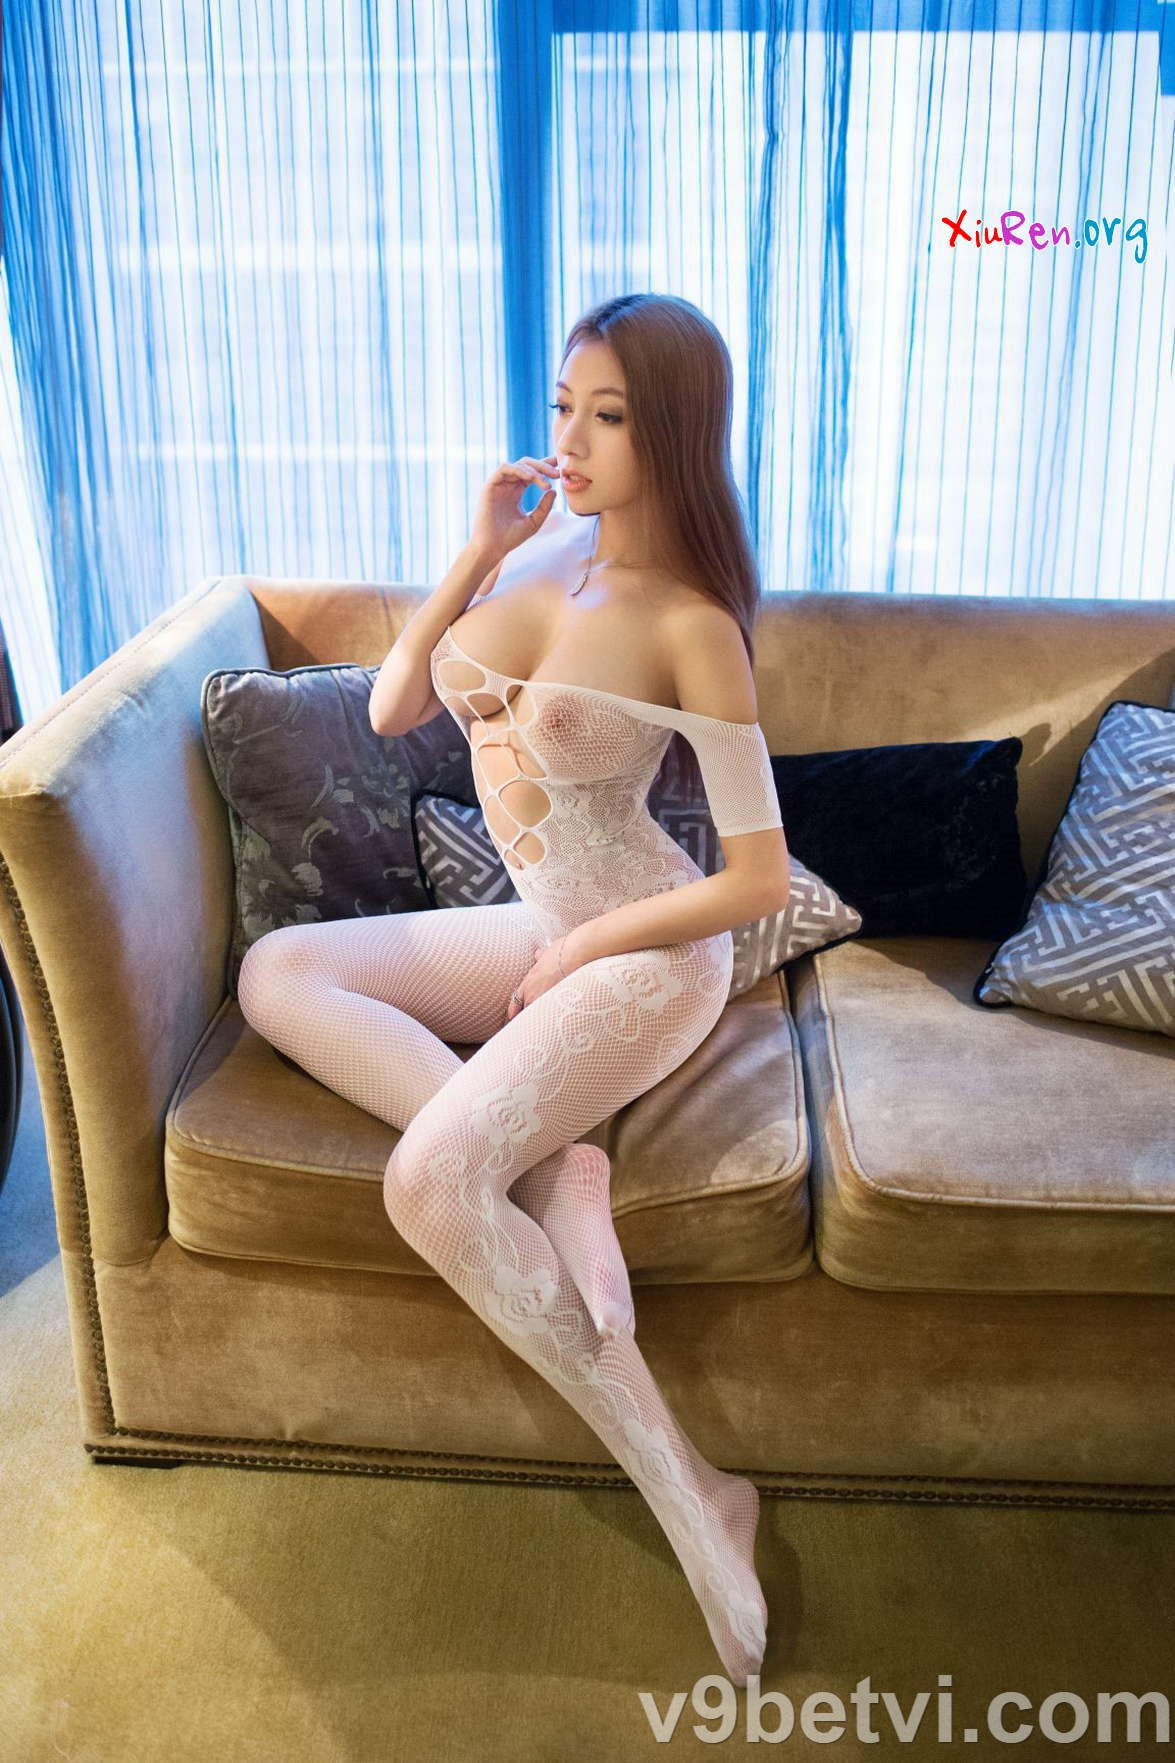 Em gái Thái Lan khỏa thân khoe vòng 1 siêu khủng (Không che)